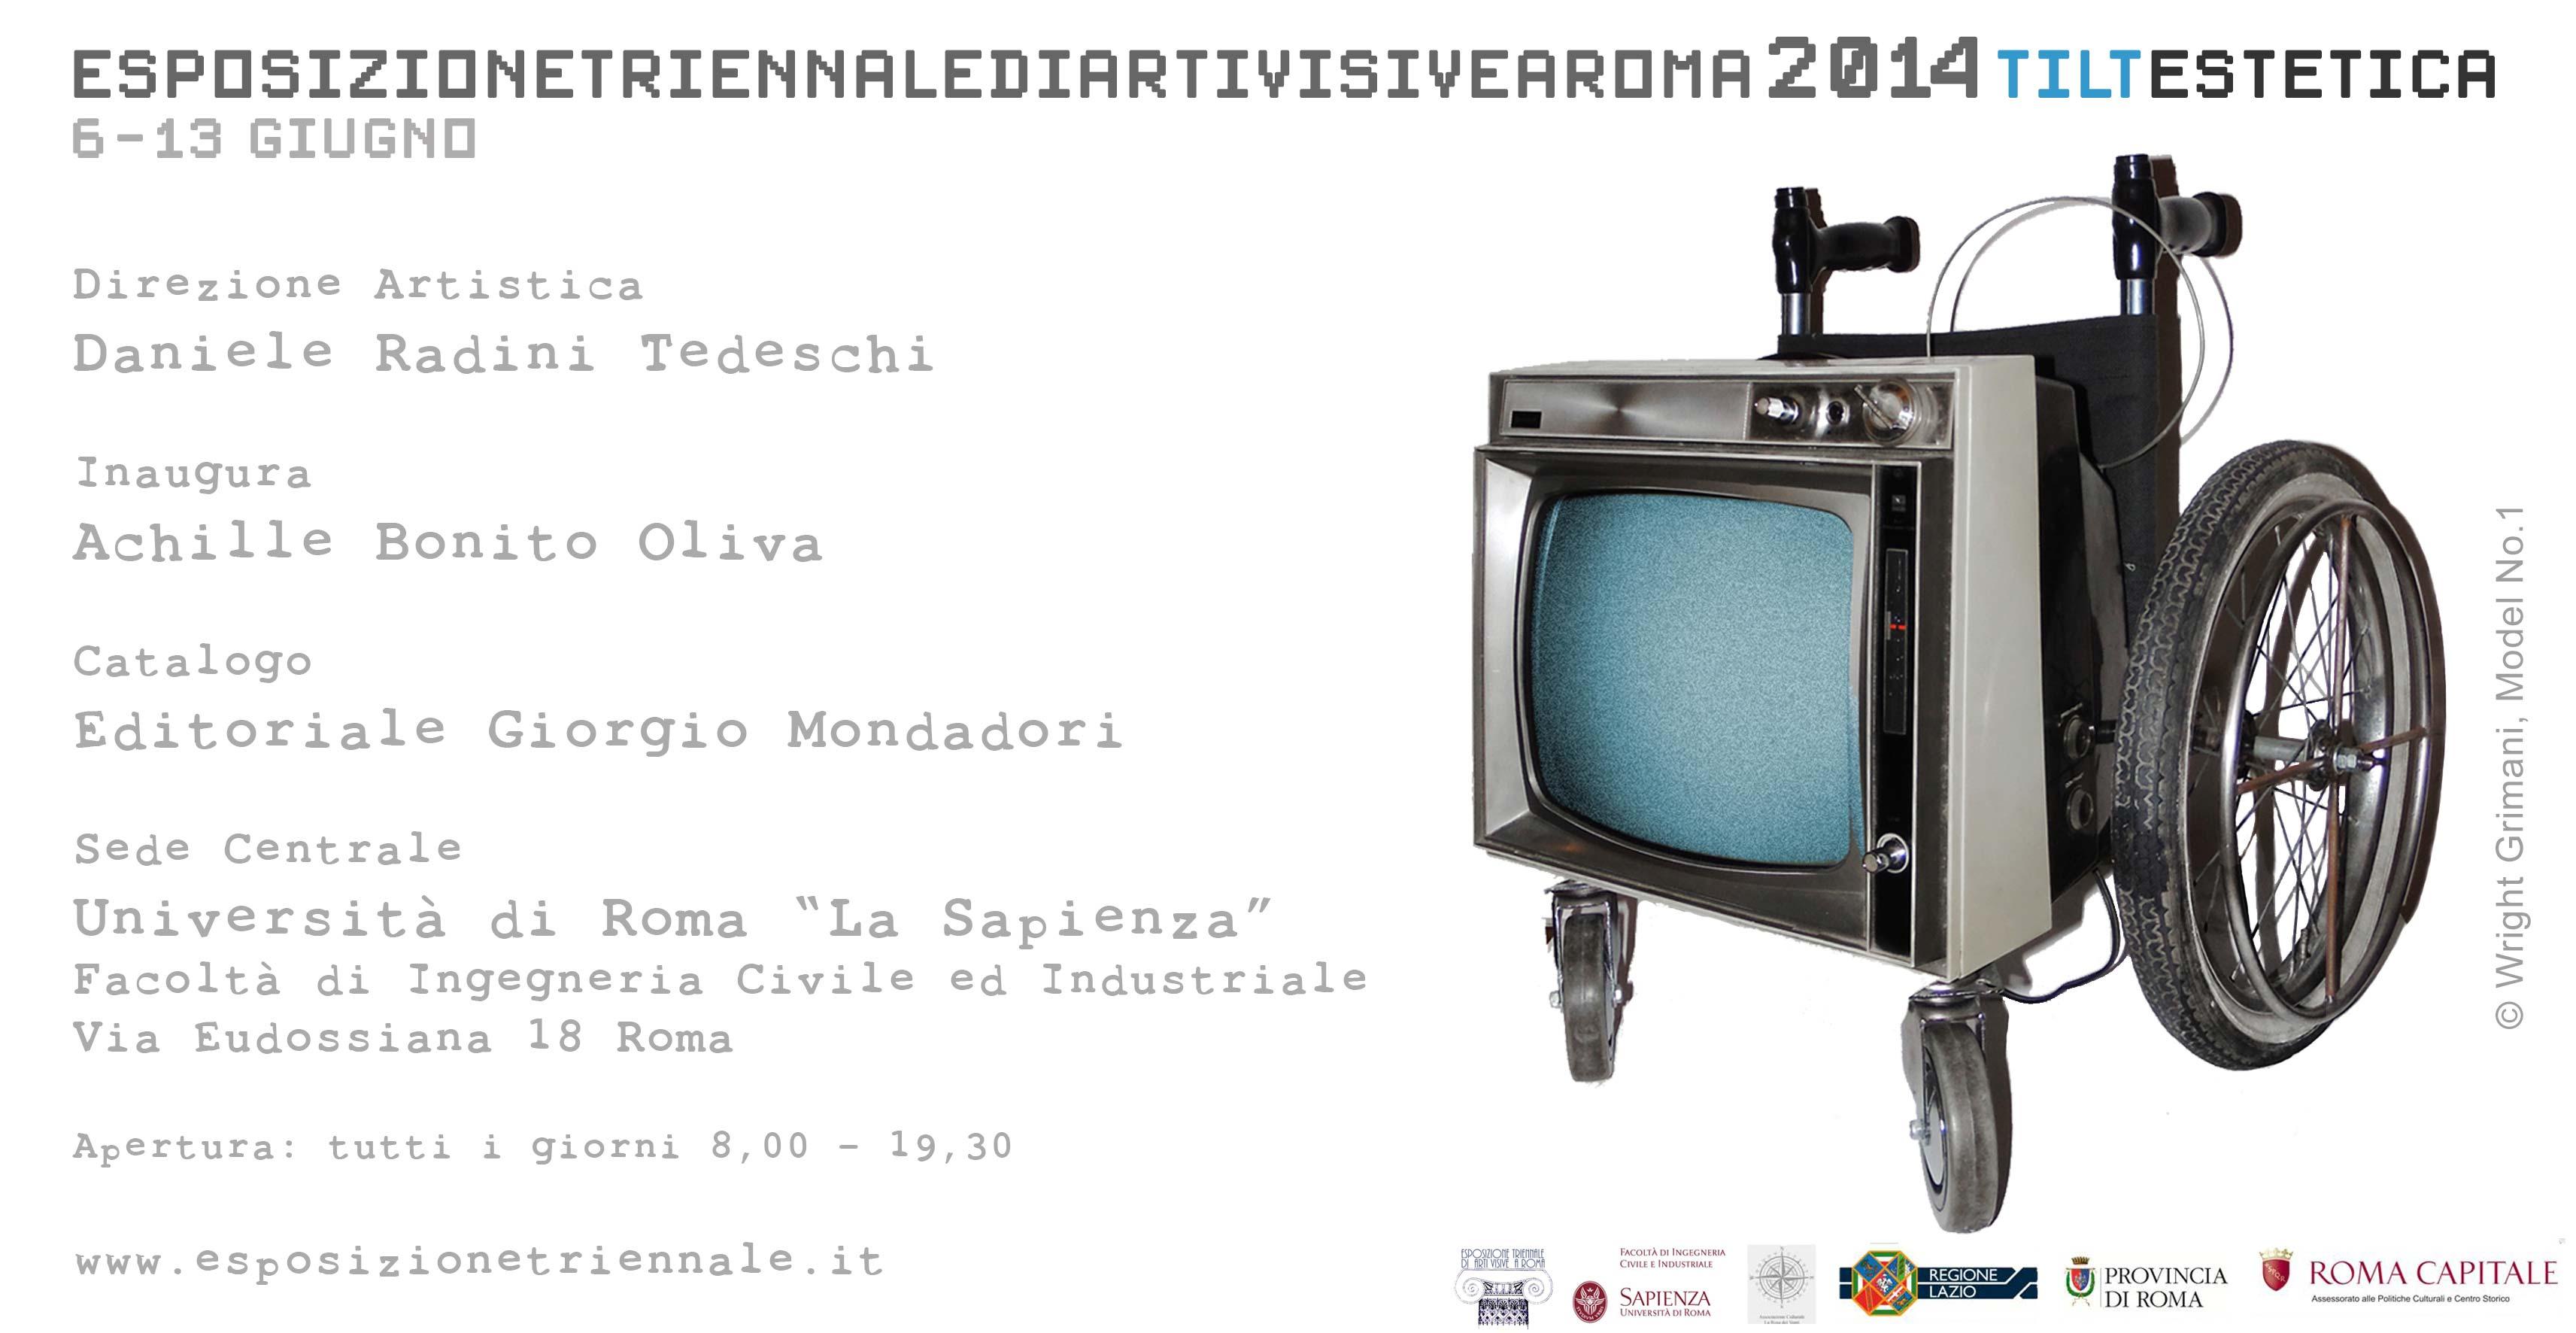 """La Triennale di Arti Visive – Roma, 2014. La nuova frontiera si chiama """"Tiltestetica"""""""